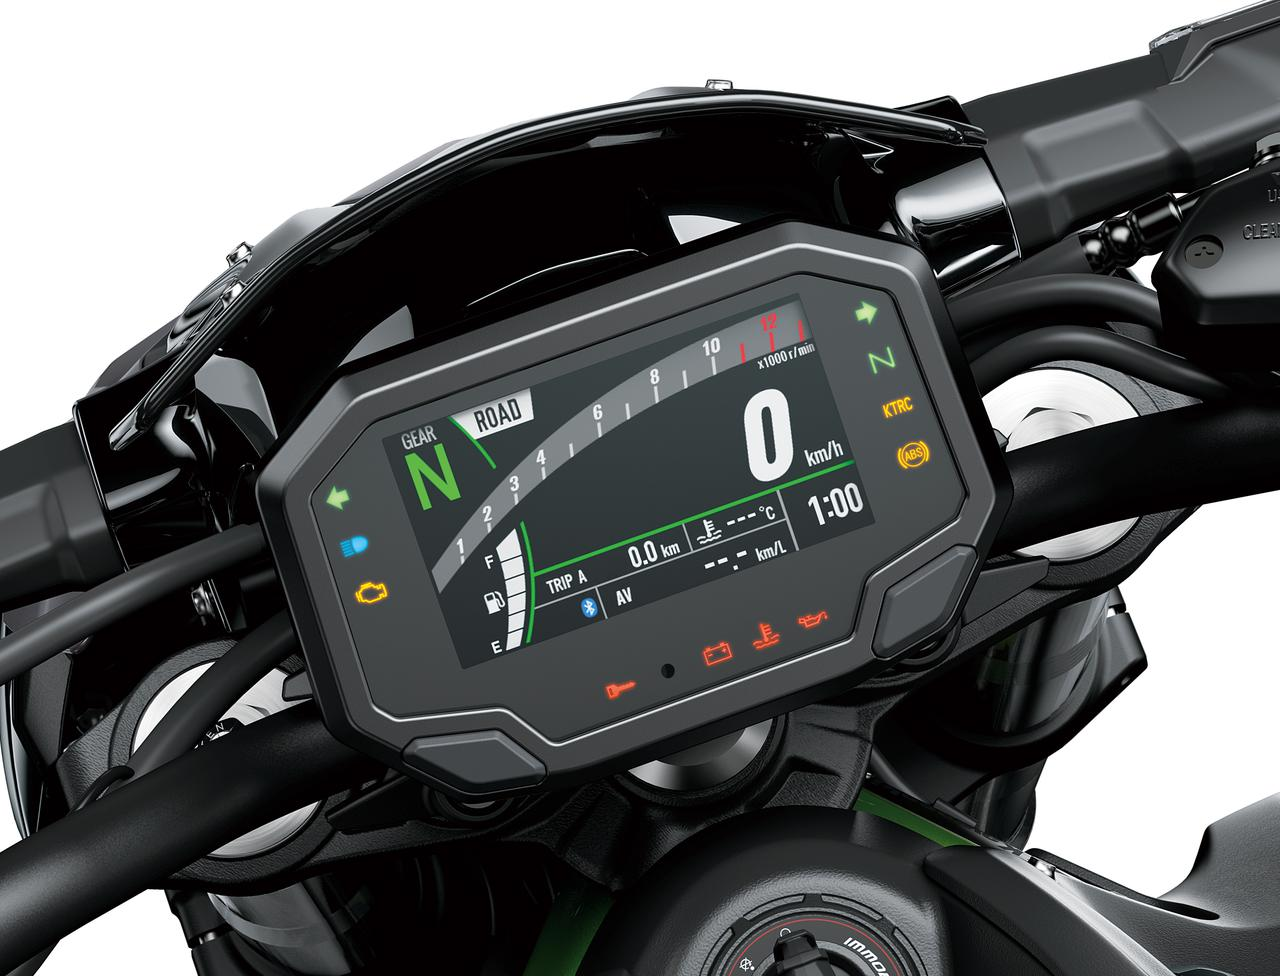 画像: 新型4.3インチフルデジタルTFTカラー液晶メーターを装備。新たに装備されたKTRC (Kawasaki Traction Control)やパワーモード・ライディングモードの選択も行なえます。 また、Bluetoothを内蔵し、スマホとの接続機能も新採用。